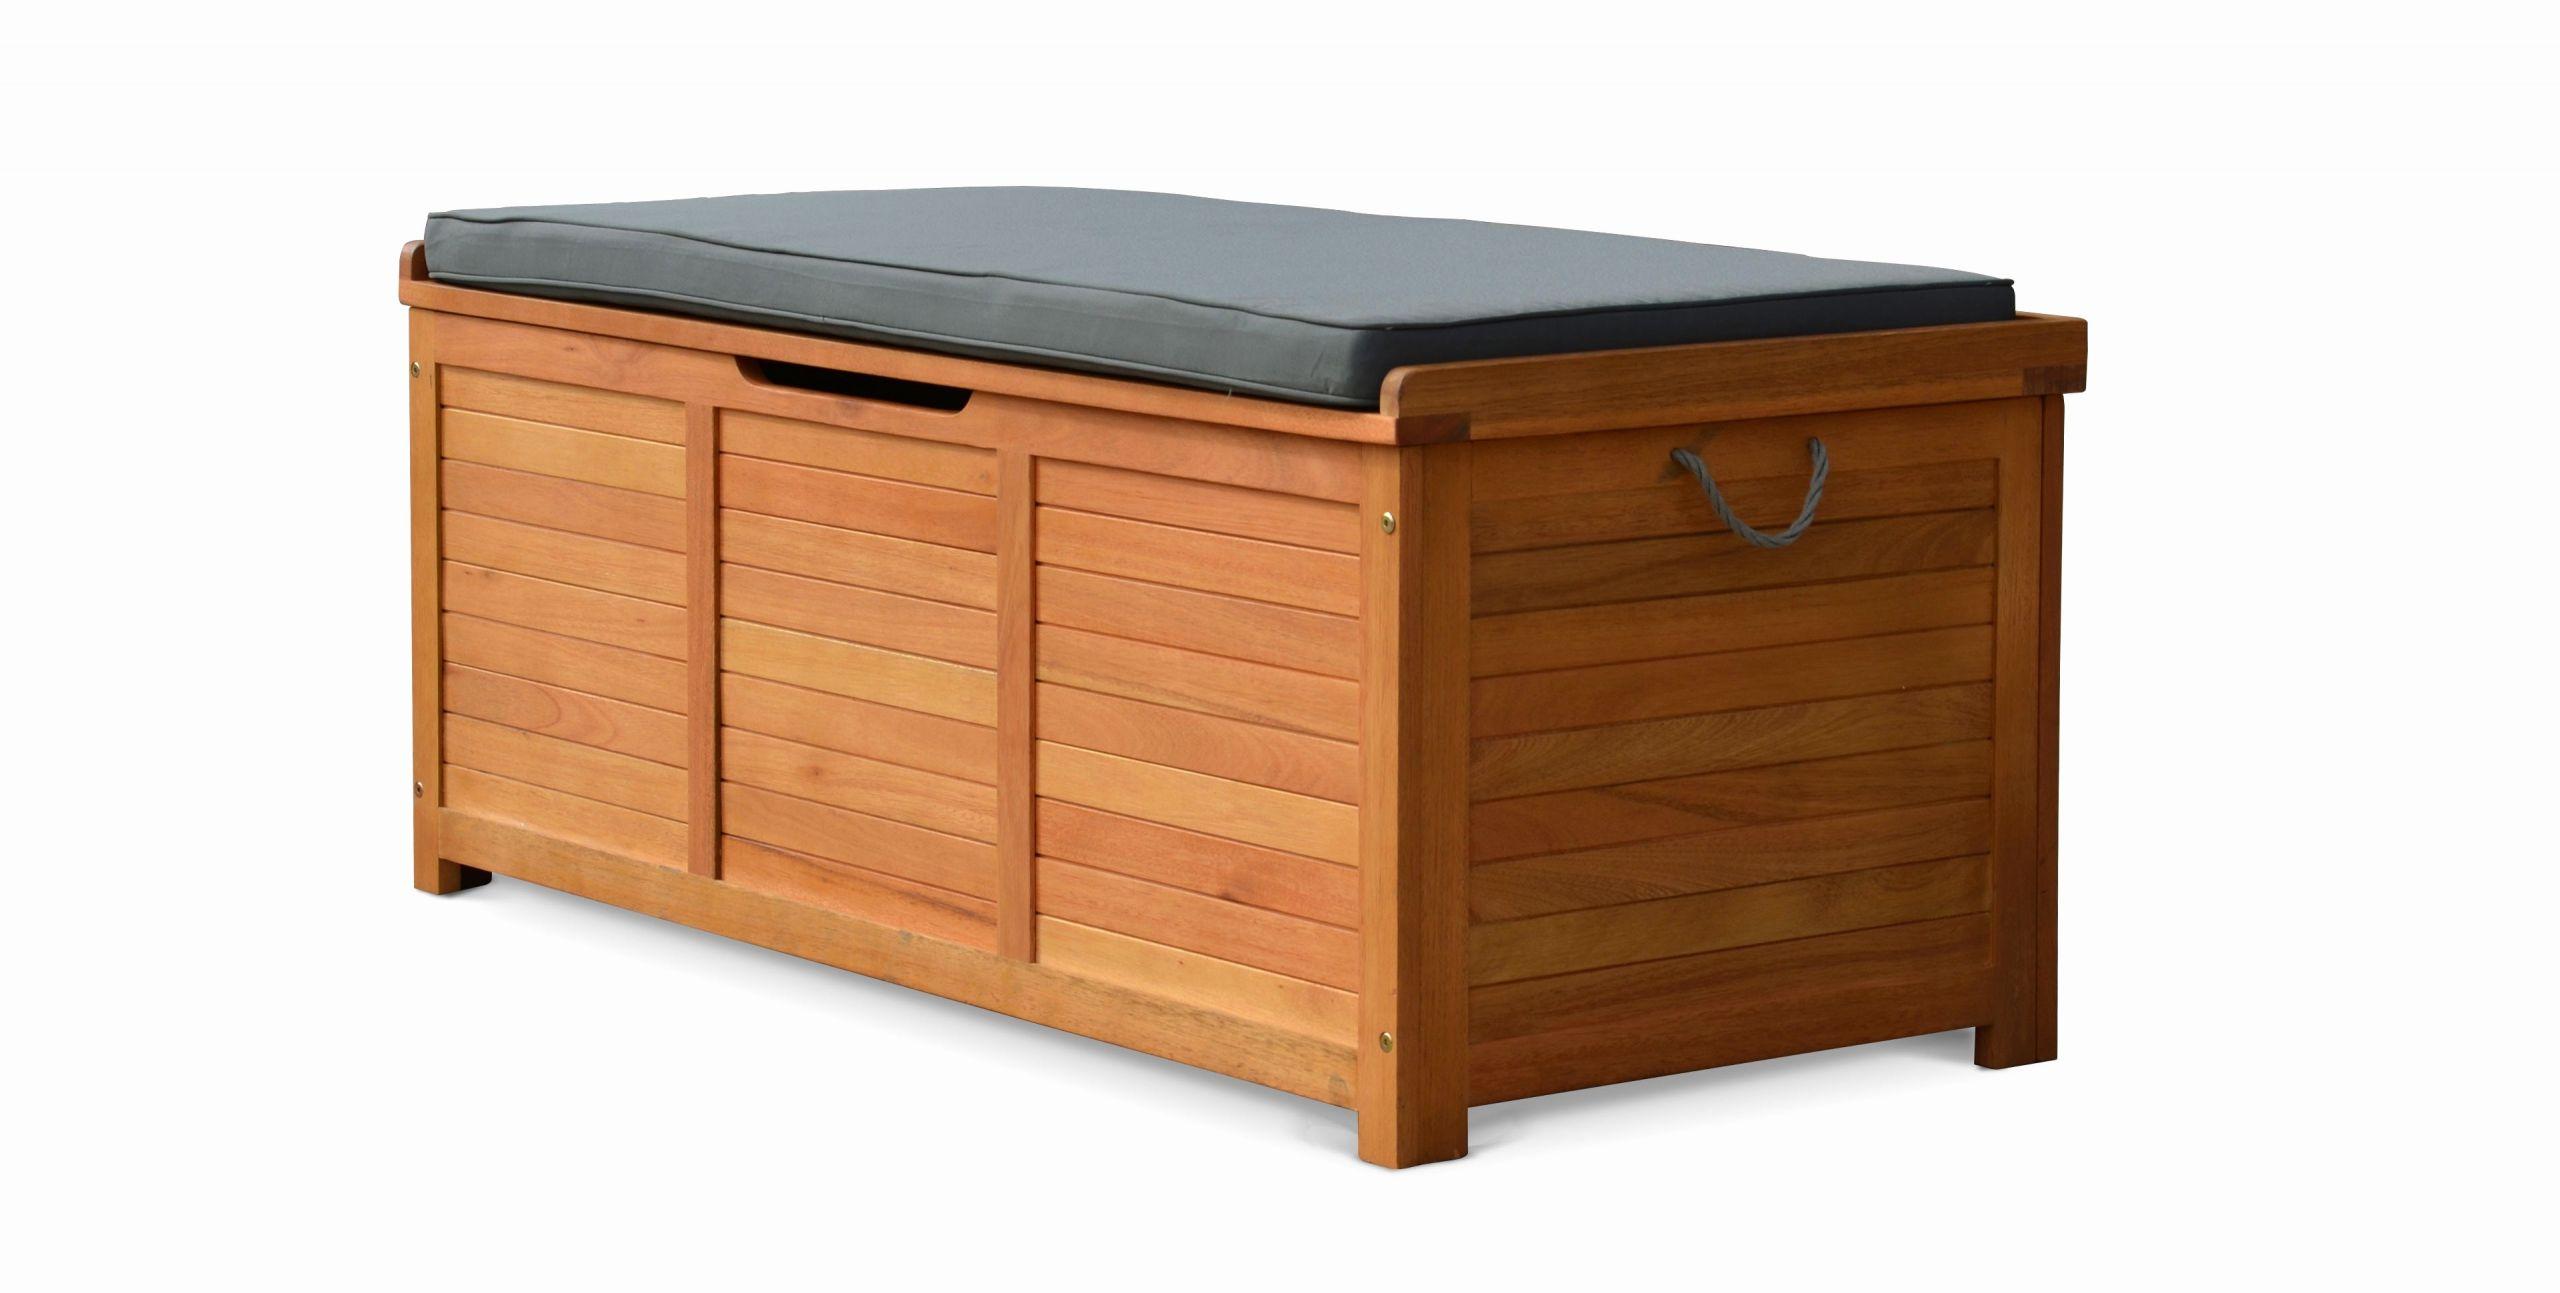 banc avec coffre meilleurs meubles destine a de jardin banc avec coffre bac de rangement jardin impressionnant terrasse inspirant of 1